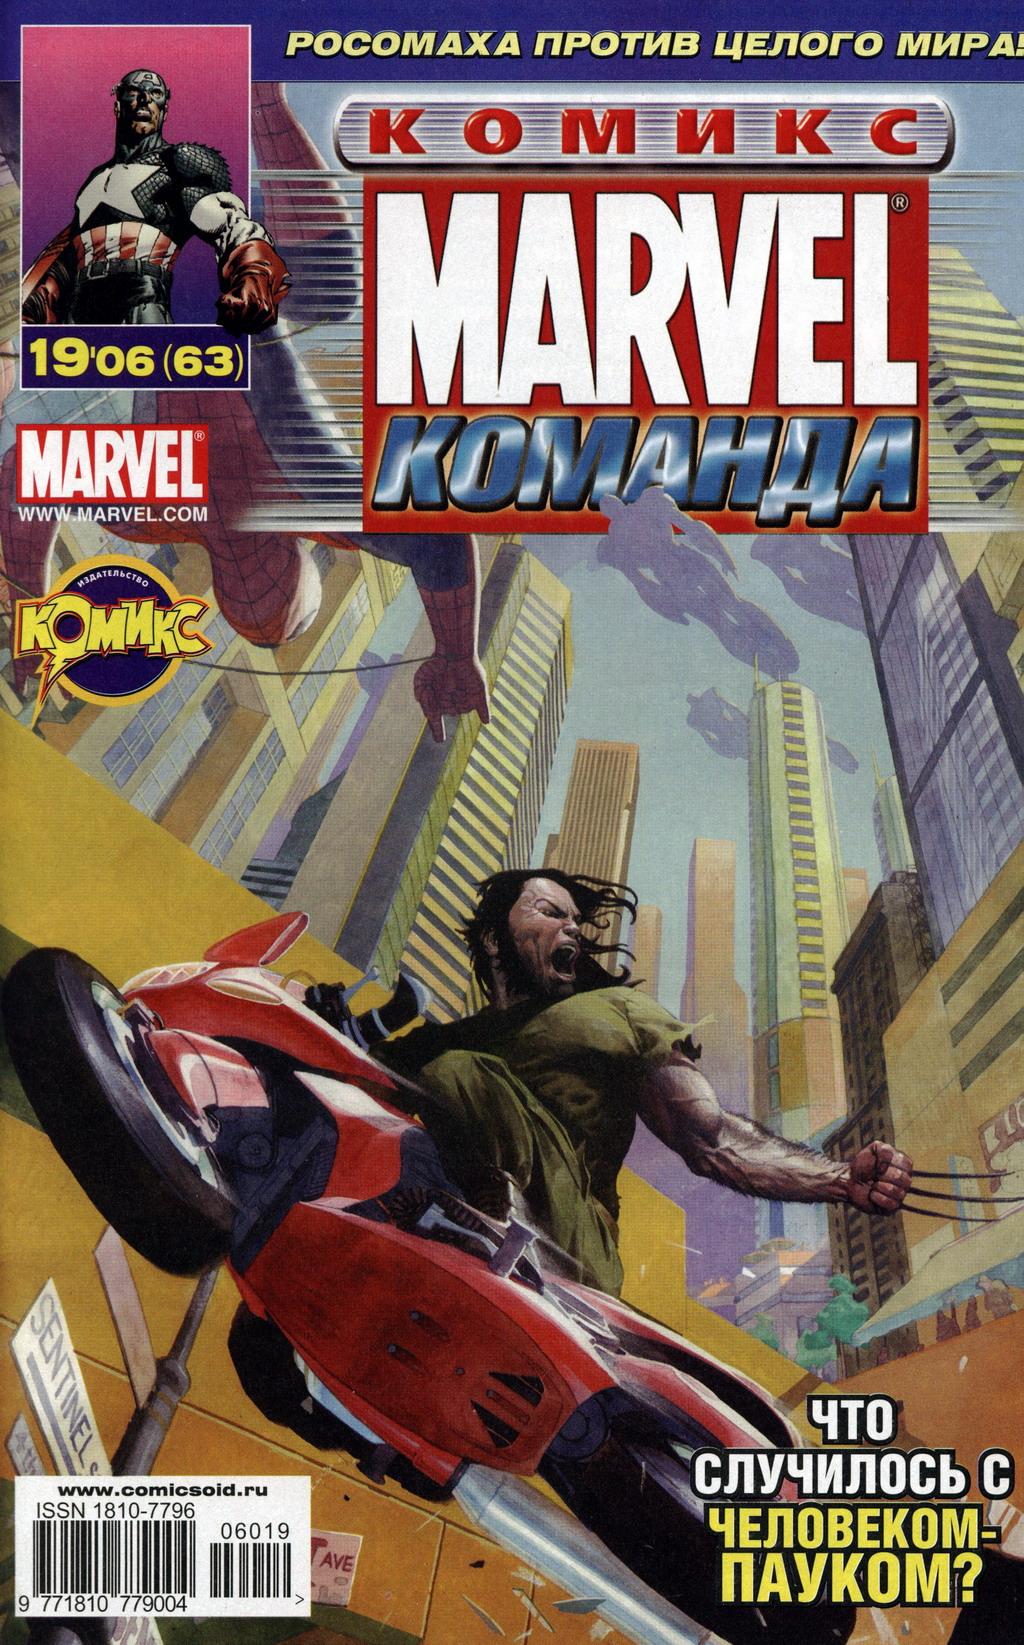 Комиксы Онлайн - Марвел Команда ИДК - # 3 - Страница №1 - Marvel Команда ИДК - Marvel Команда # 63